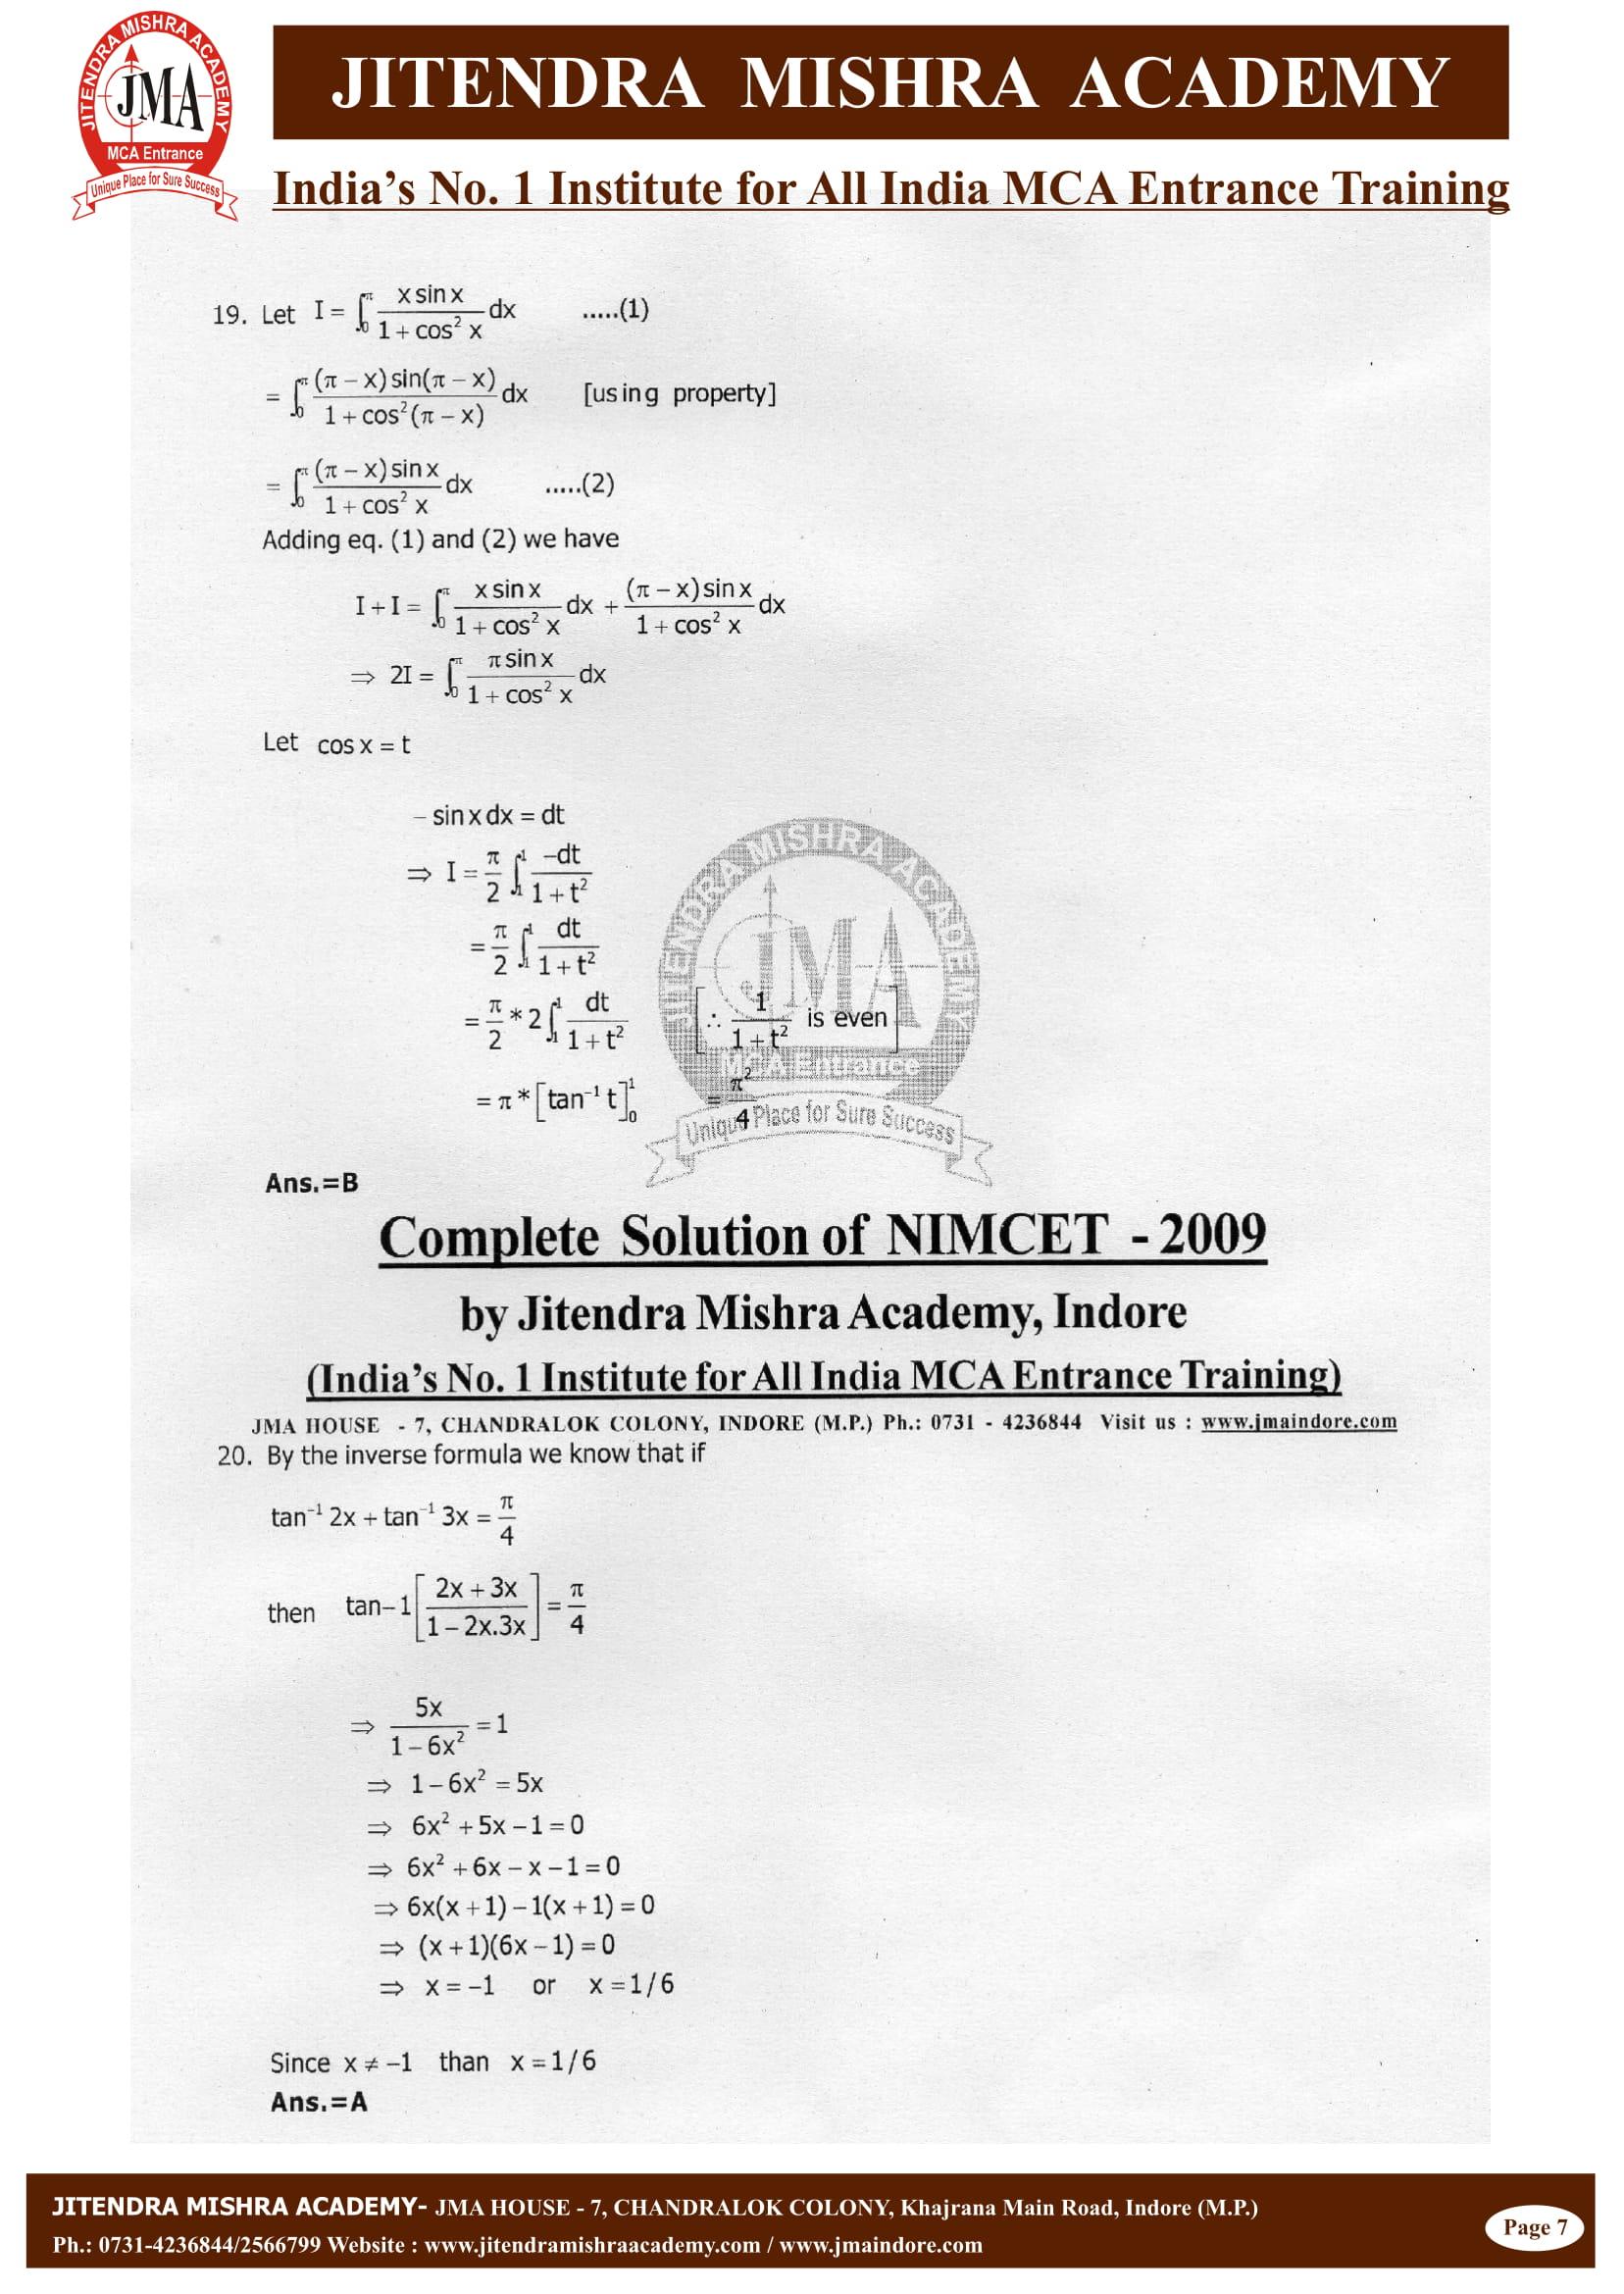 NIMCET - 2009 (SOLUTION)-08